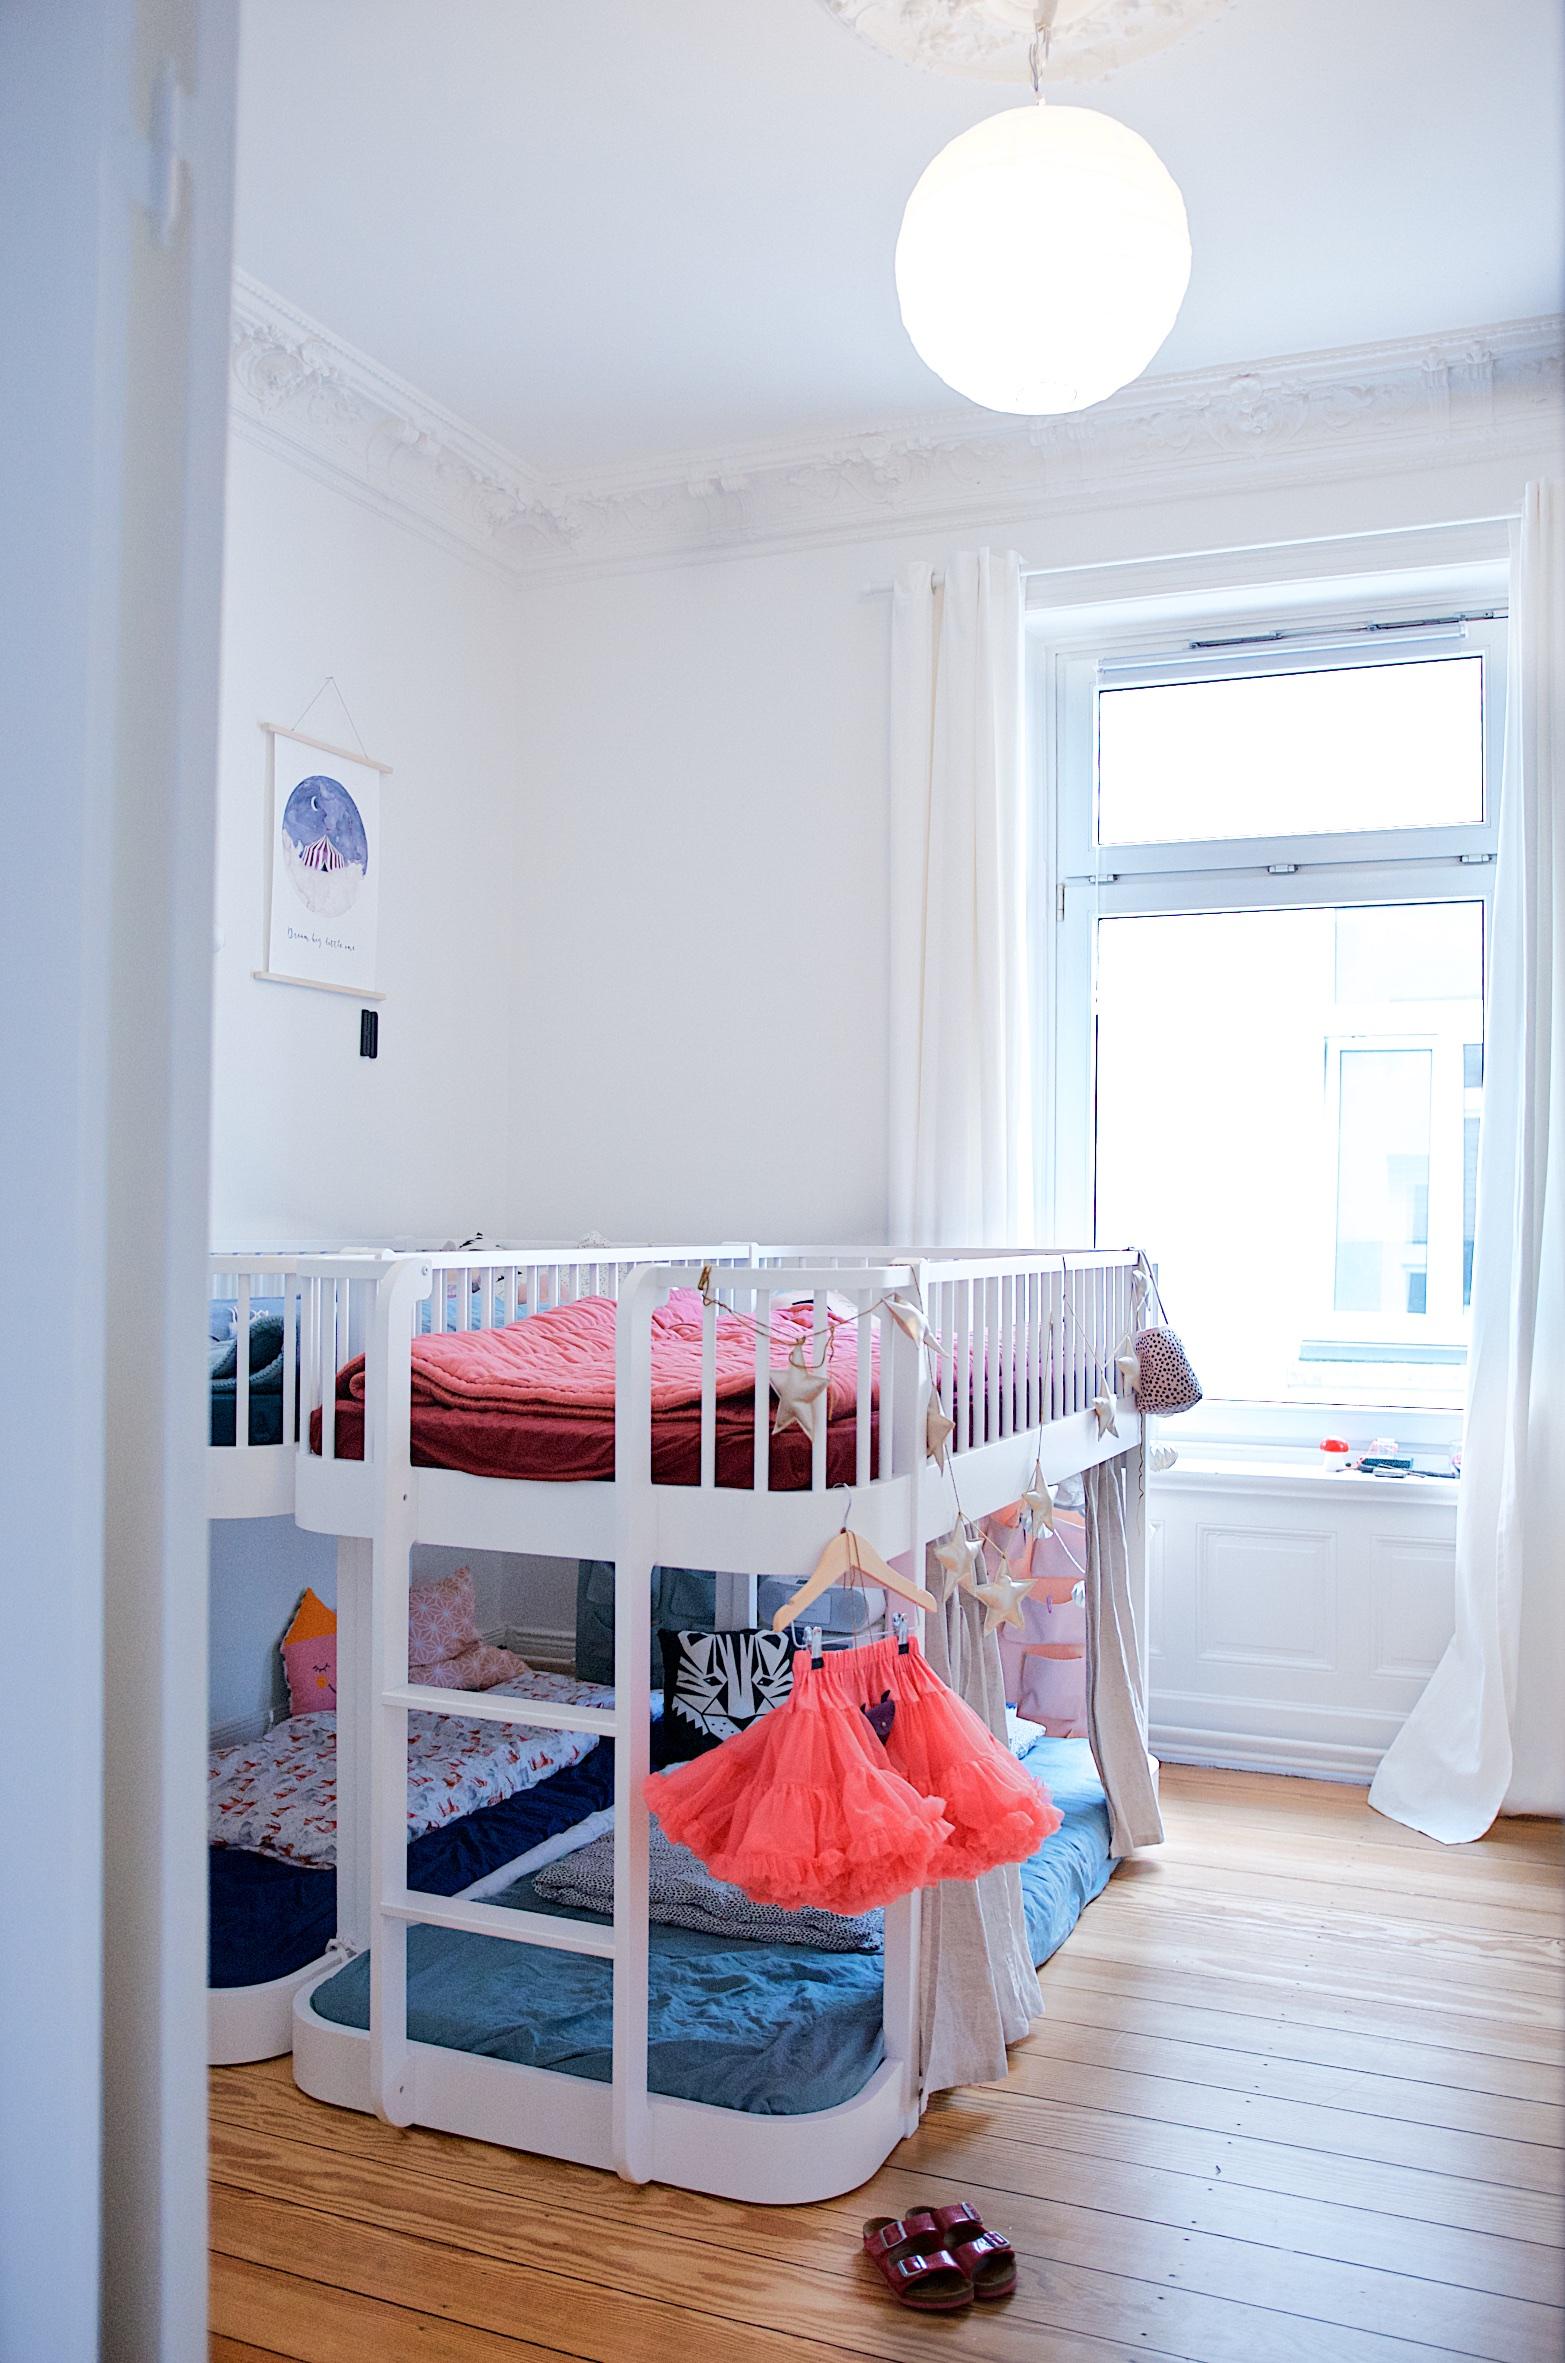 Full Size of Hochbetten Kinderzimmer Ein Kunterbuntes Mit Ecken Fr Alle Bedrfnisse Sofa Regal Regale Weiß Kinderzimmer Hochbetten Kinderzimmer